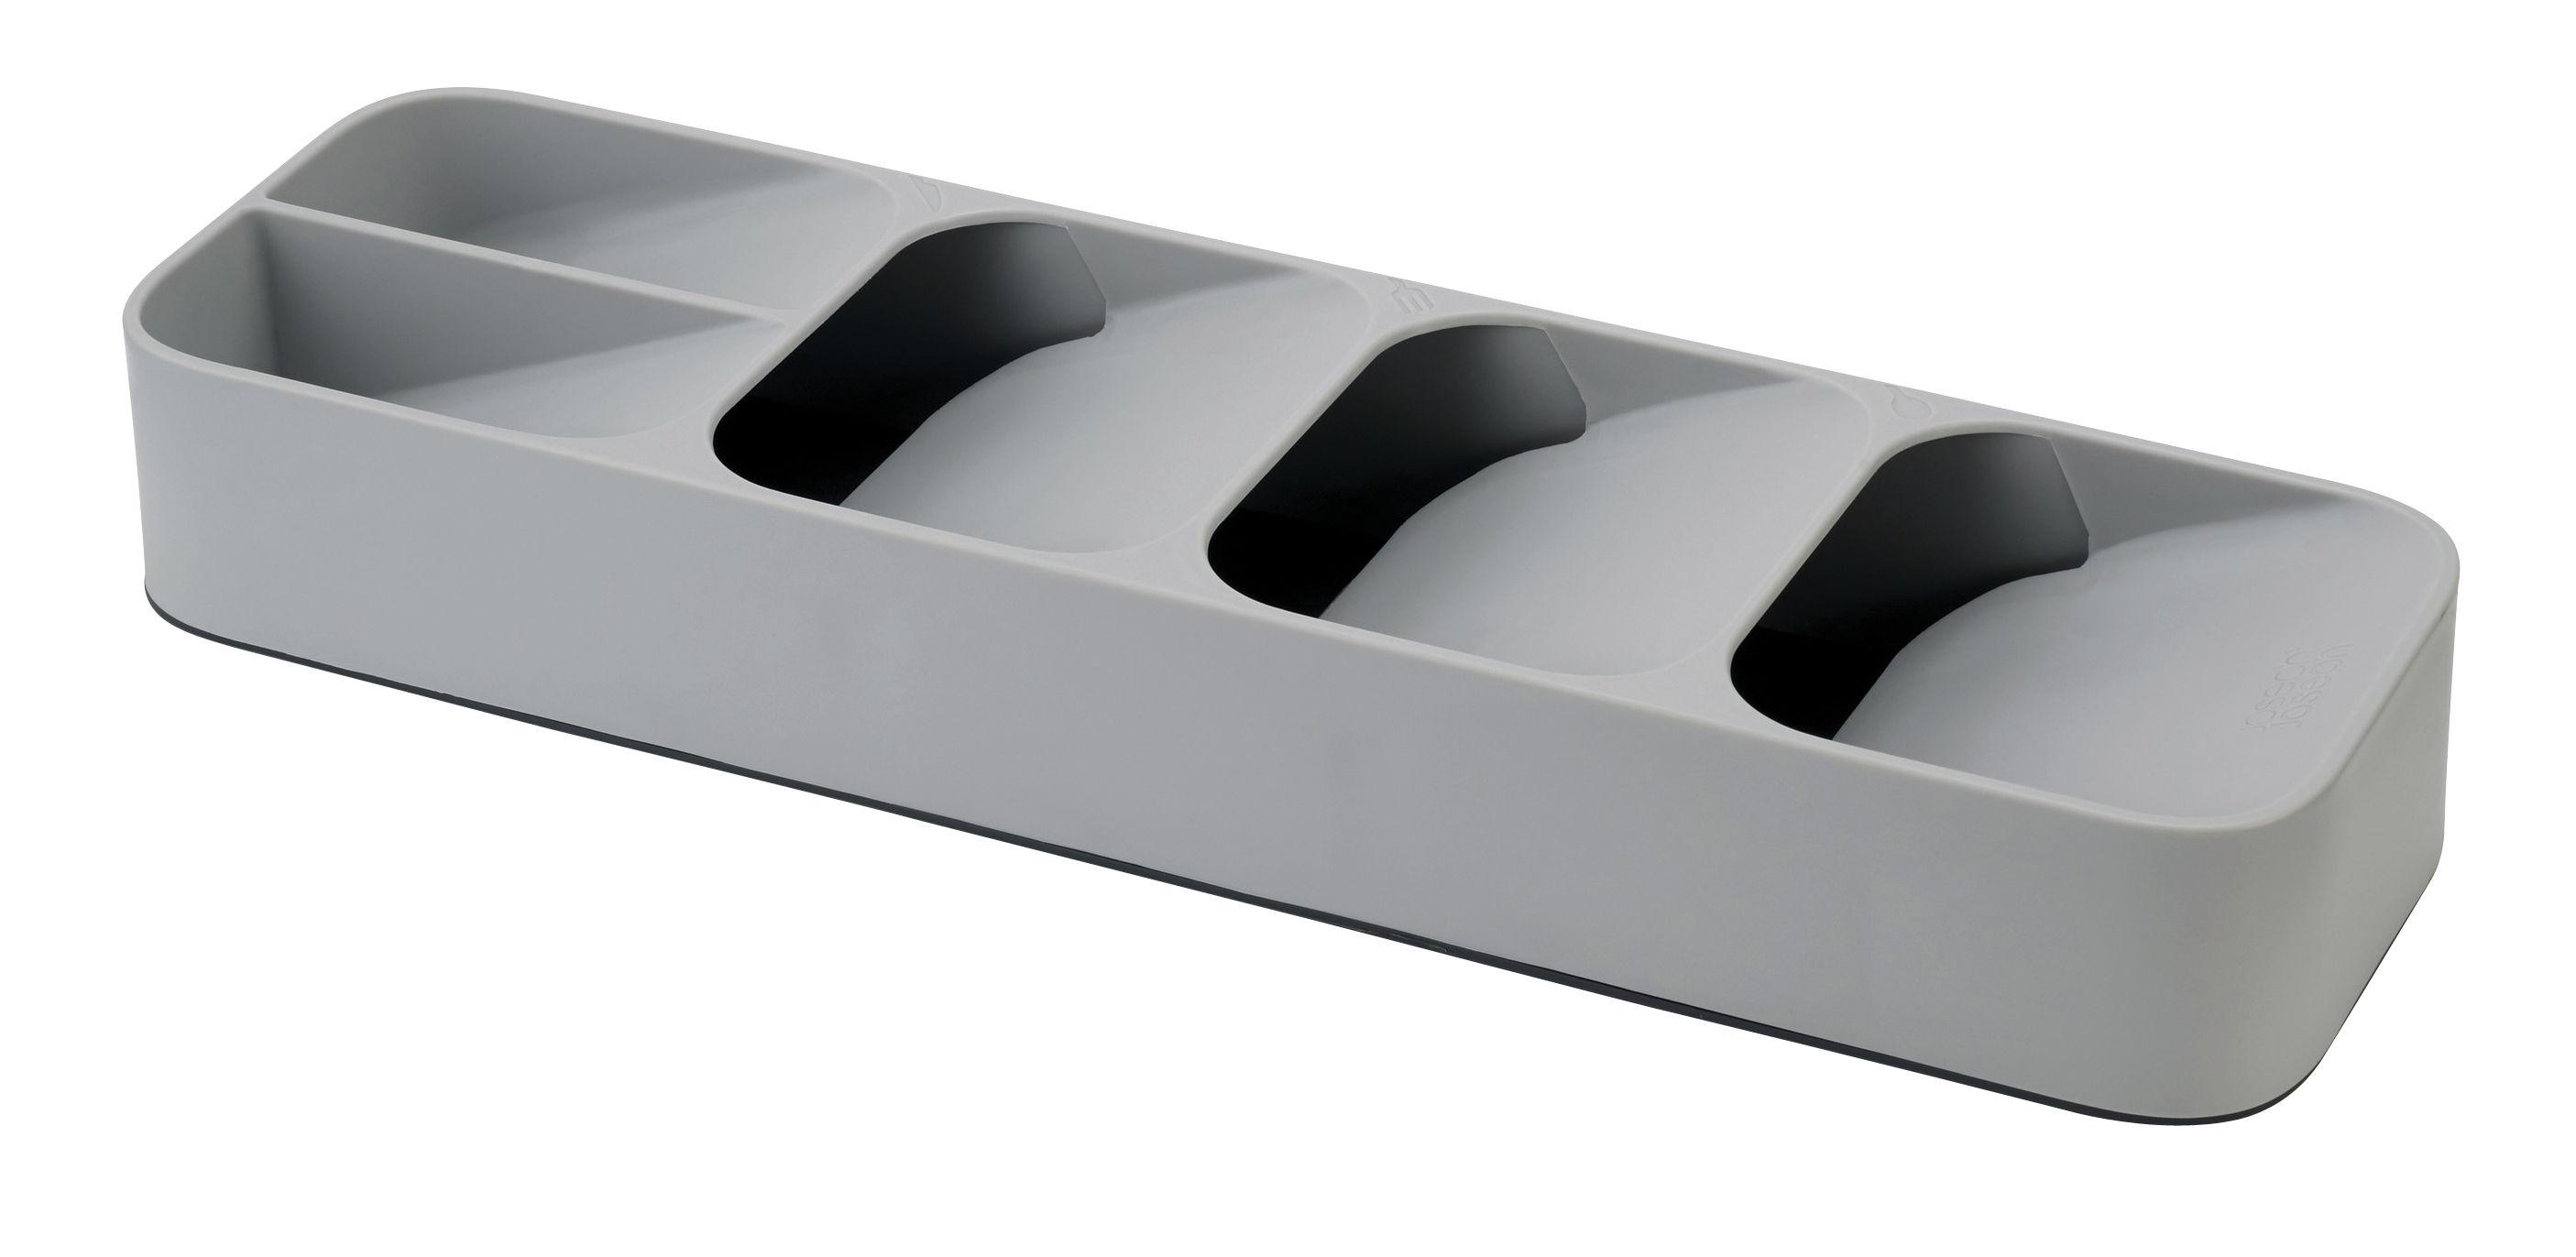 Cucina - Pulizia - Organizzatore per ustensili Compact - / 5 scomparti - Per cassetto di Joseph Joseph - Grigio - Plastica